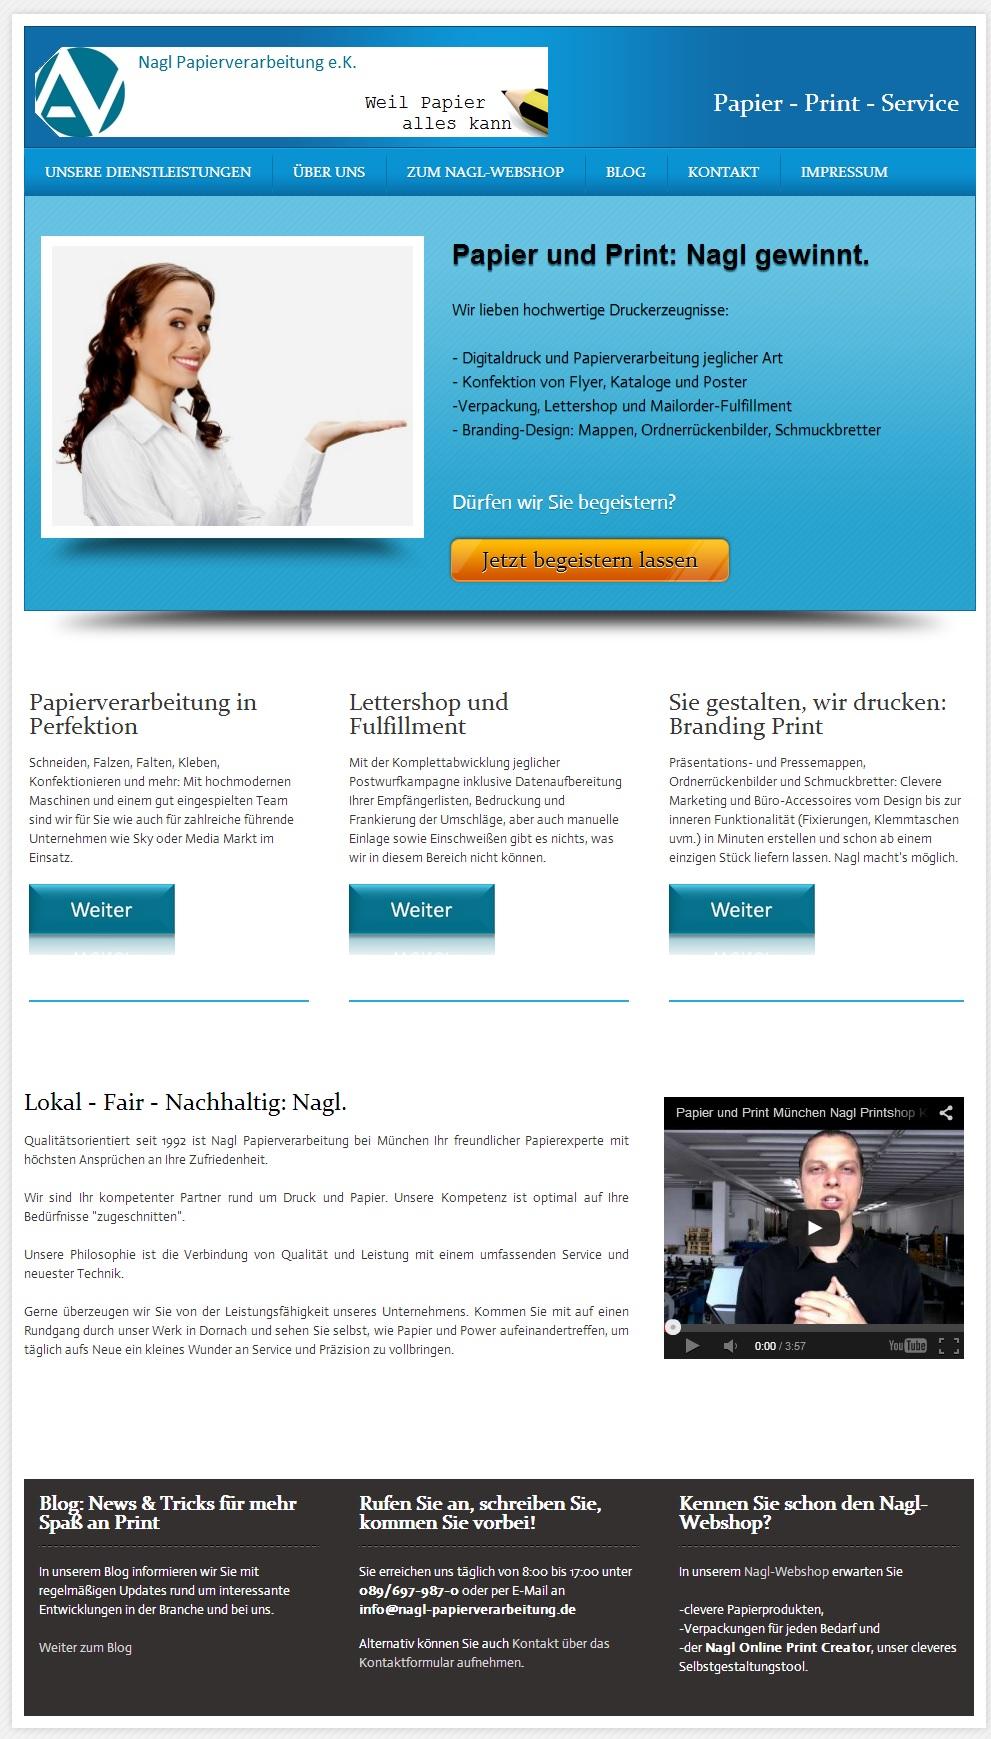 Wordpress Webdesign - Webdesignleistungen - Webdesigner - BrainHive - 3